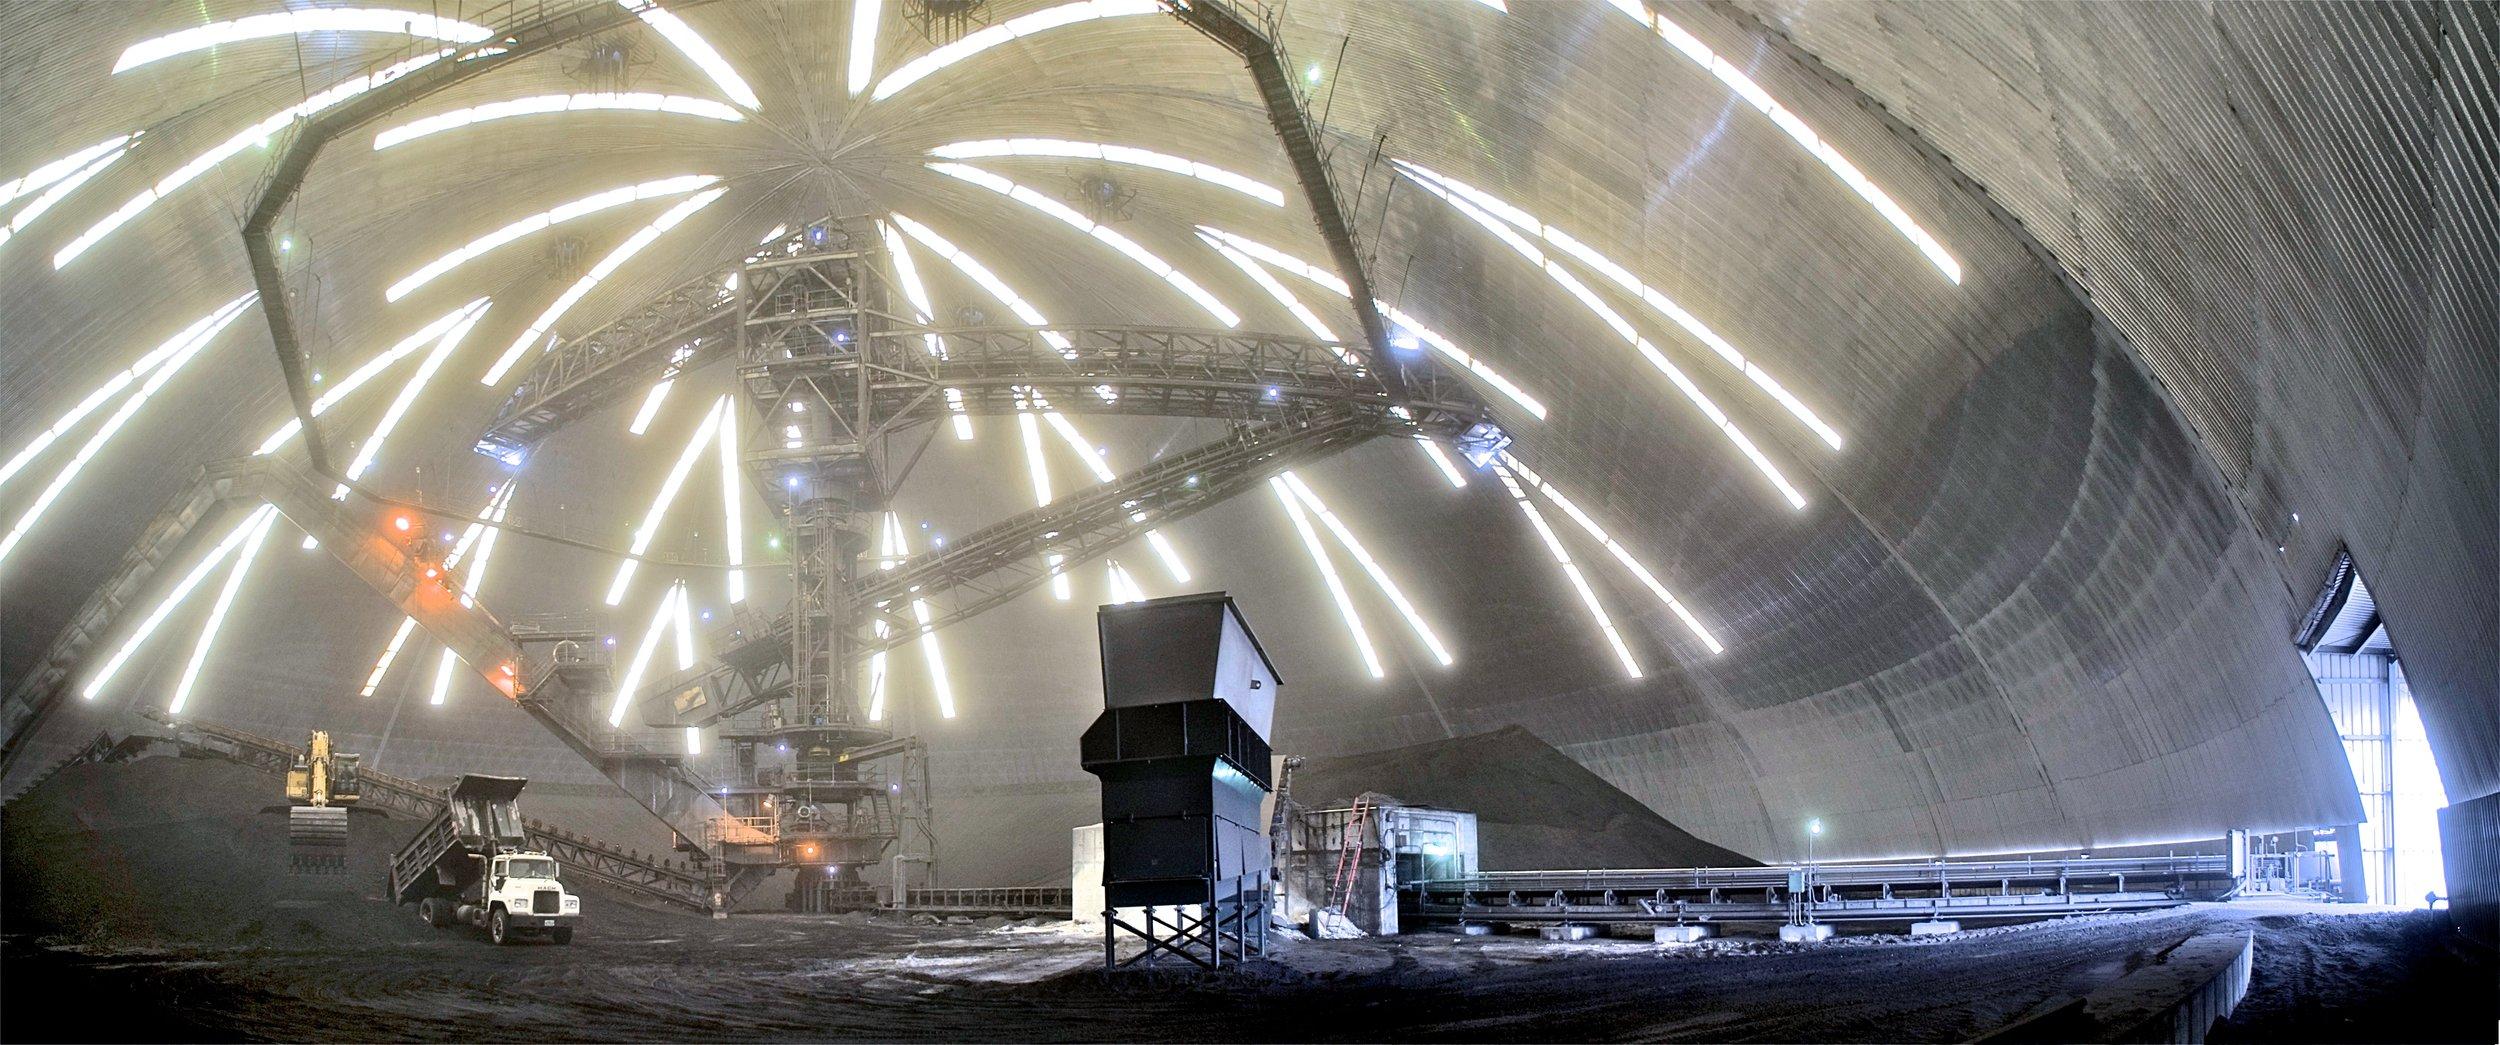 Planta de Energía JEA, en Jacksonville, Florida, con un claro de 122m.